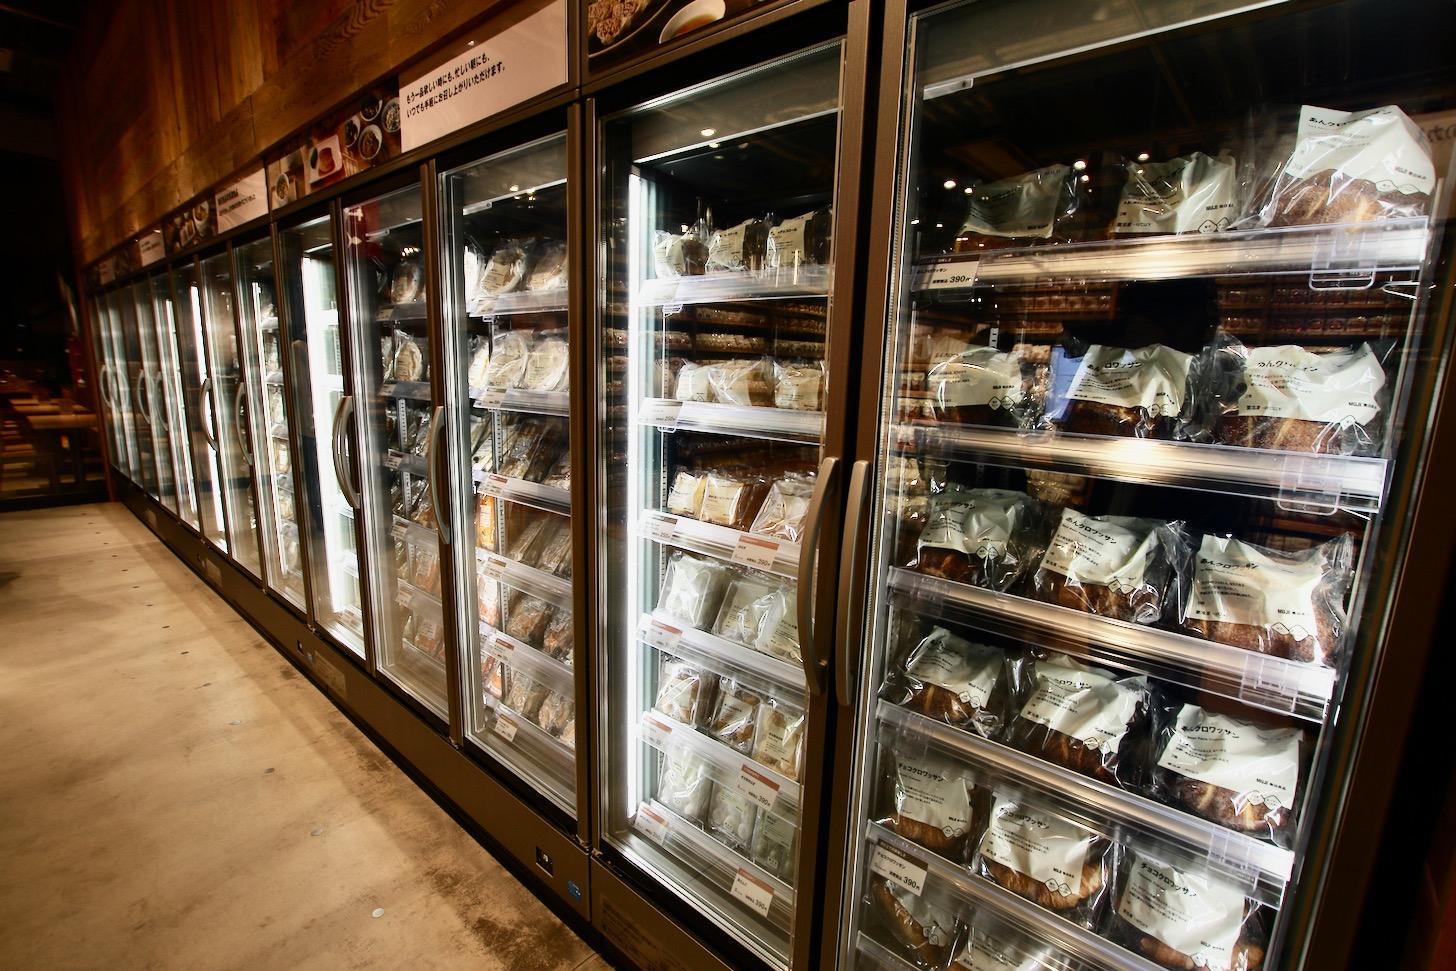 無印良品 東京有明 冷凍食品売り場